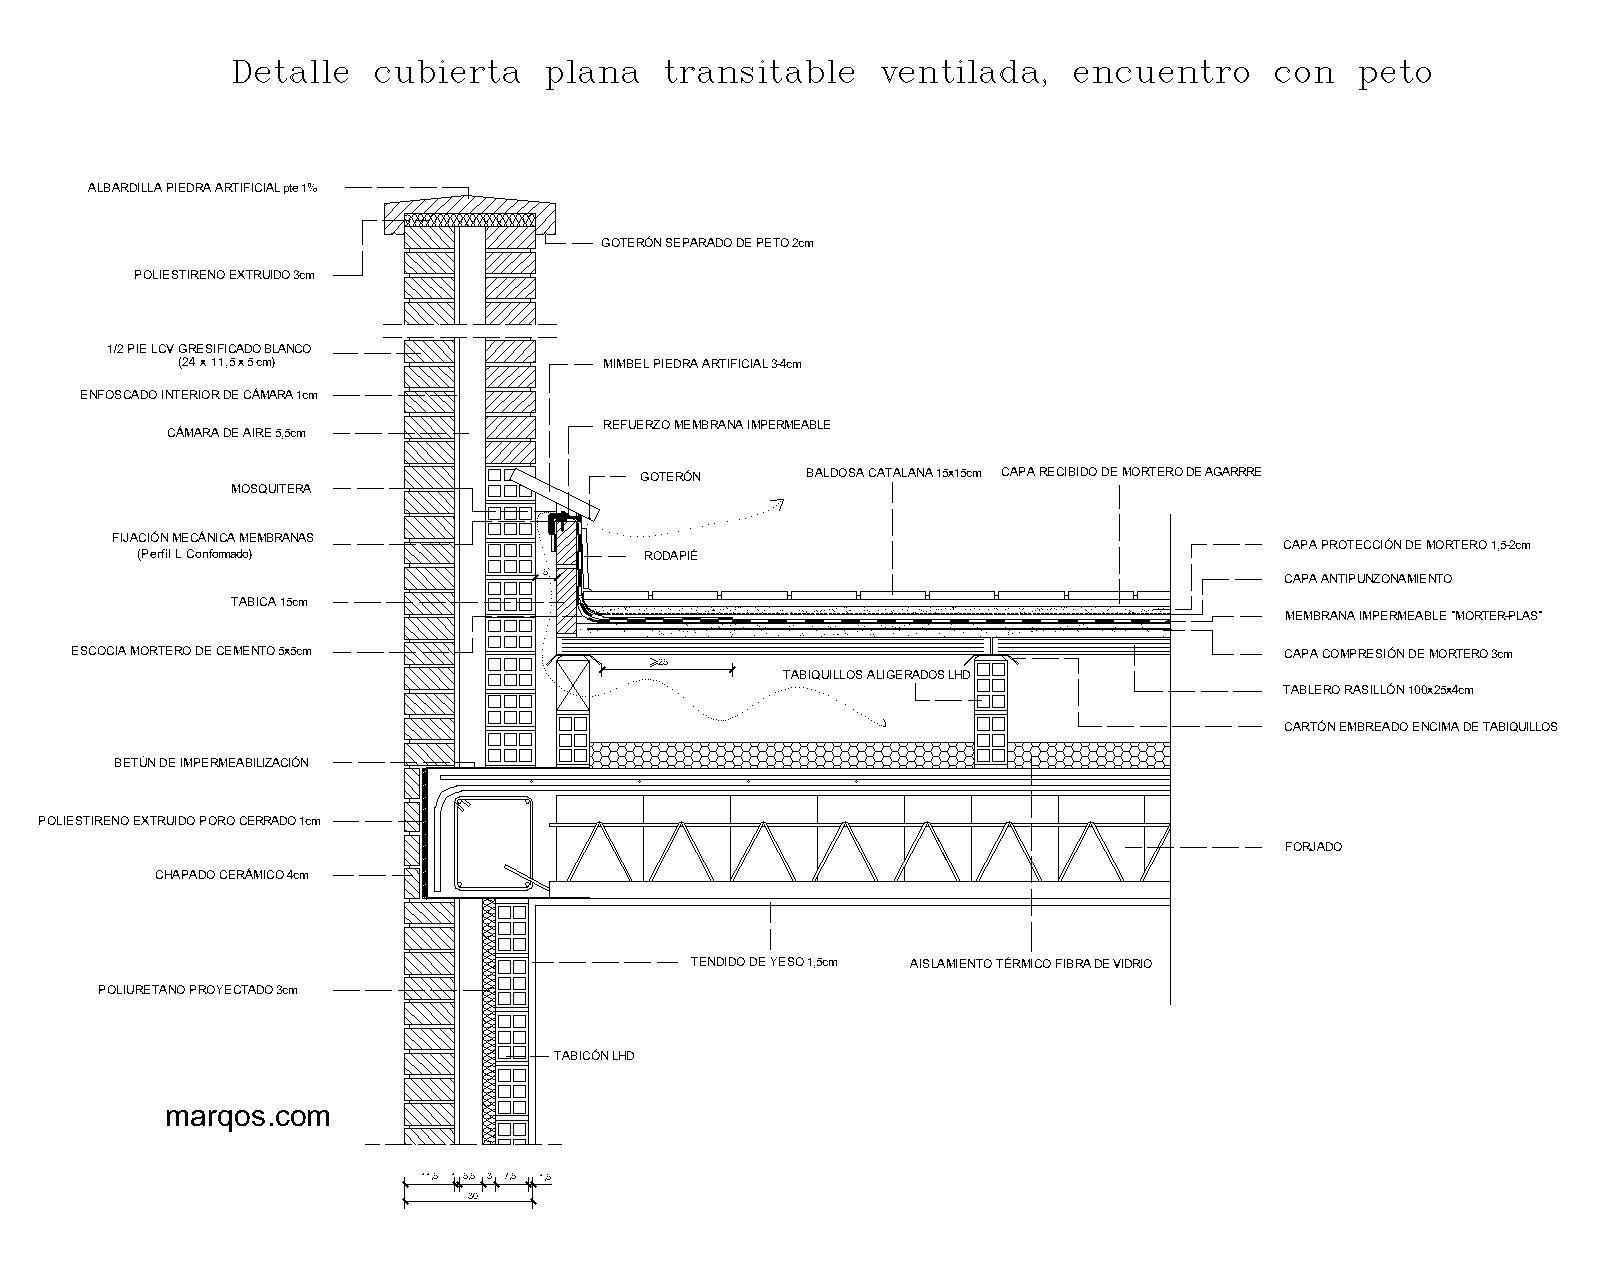 Cubierta plana transitable ventilada encuentro con peto construcci n pinterest cubierta - Detalle constructivo techo ...